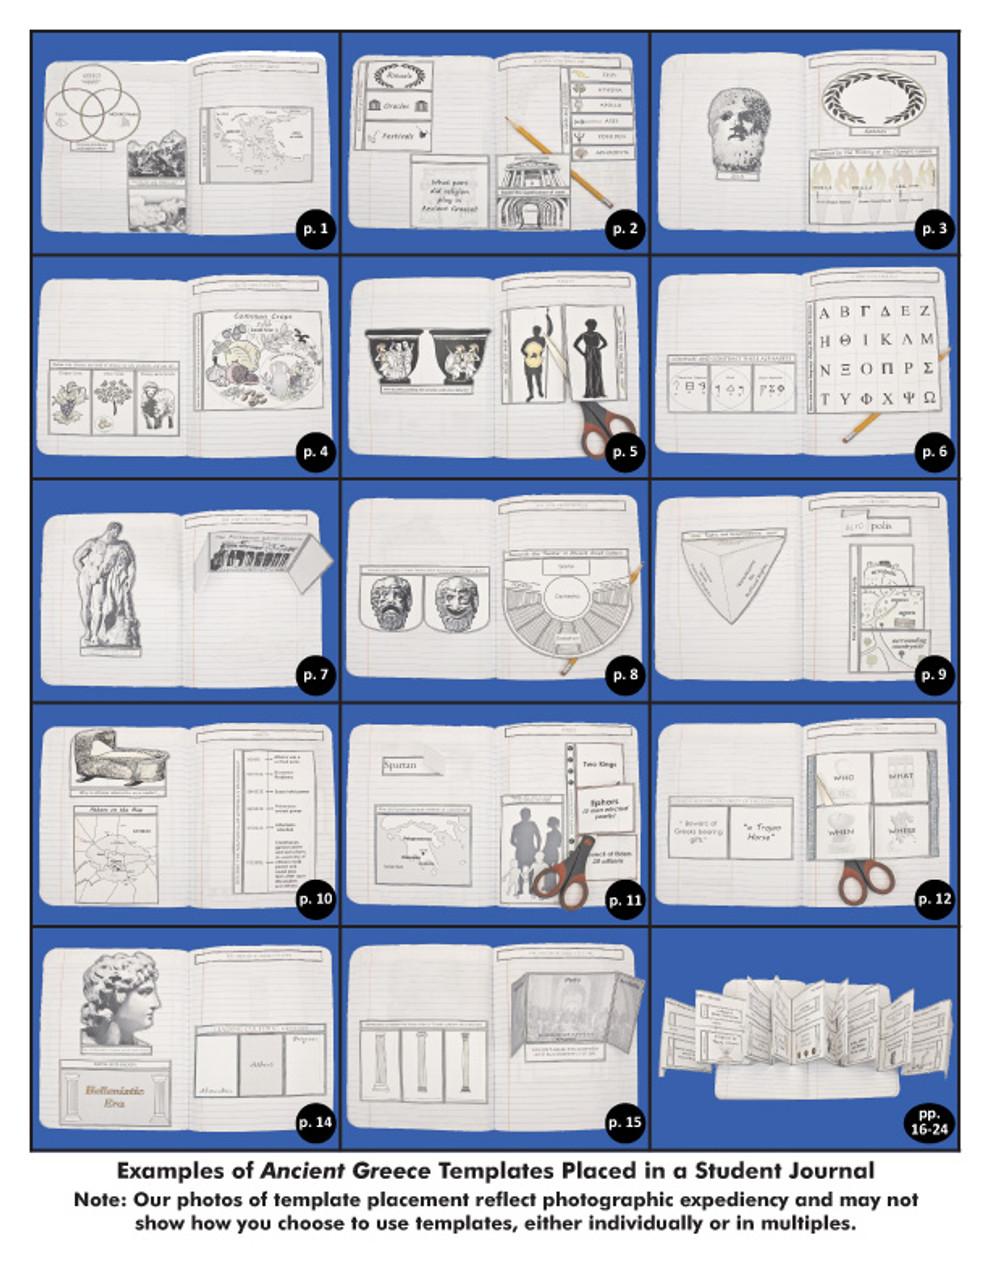 Nc ti greece oct16 layout 1 (page 03)